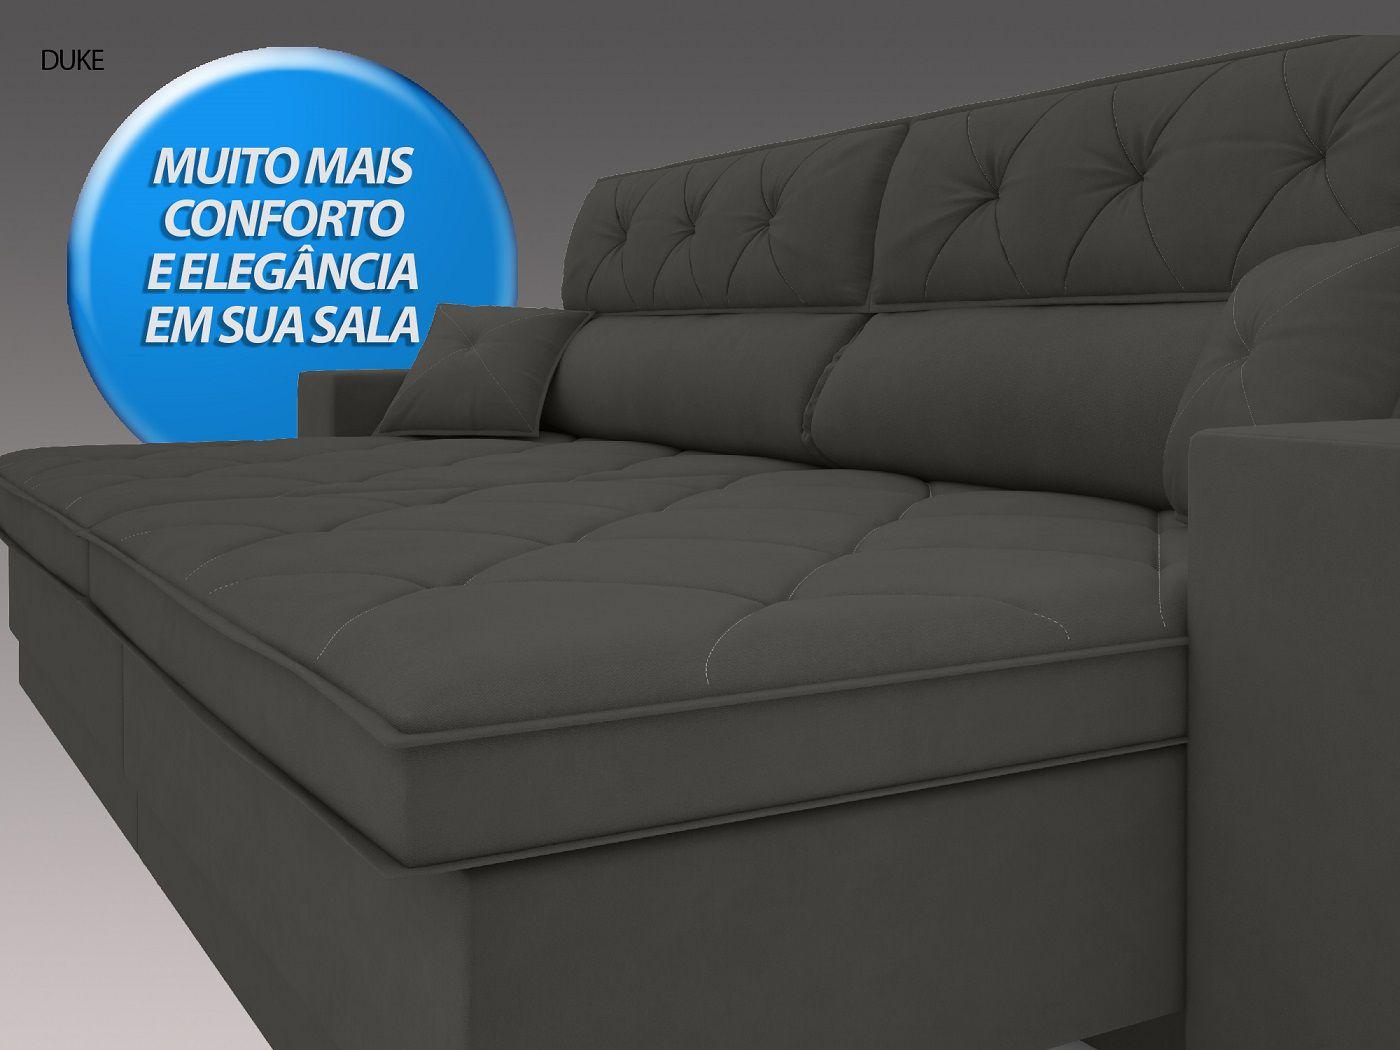 Sofá Duke 2,70m Retrátil e Reclinável Velosuede Cinza - NETSOFAS  - NETSOFÁS